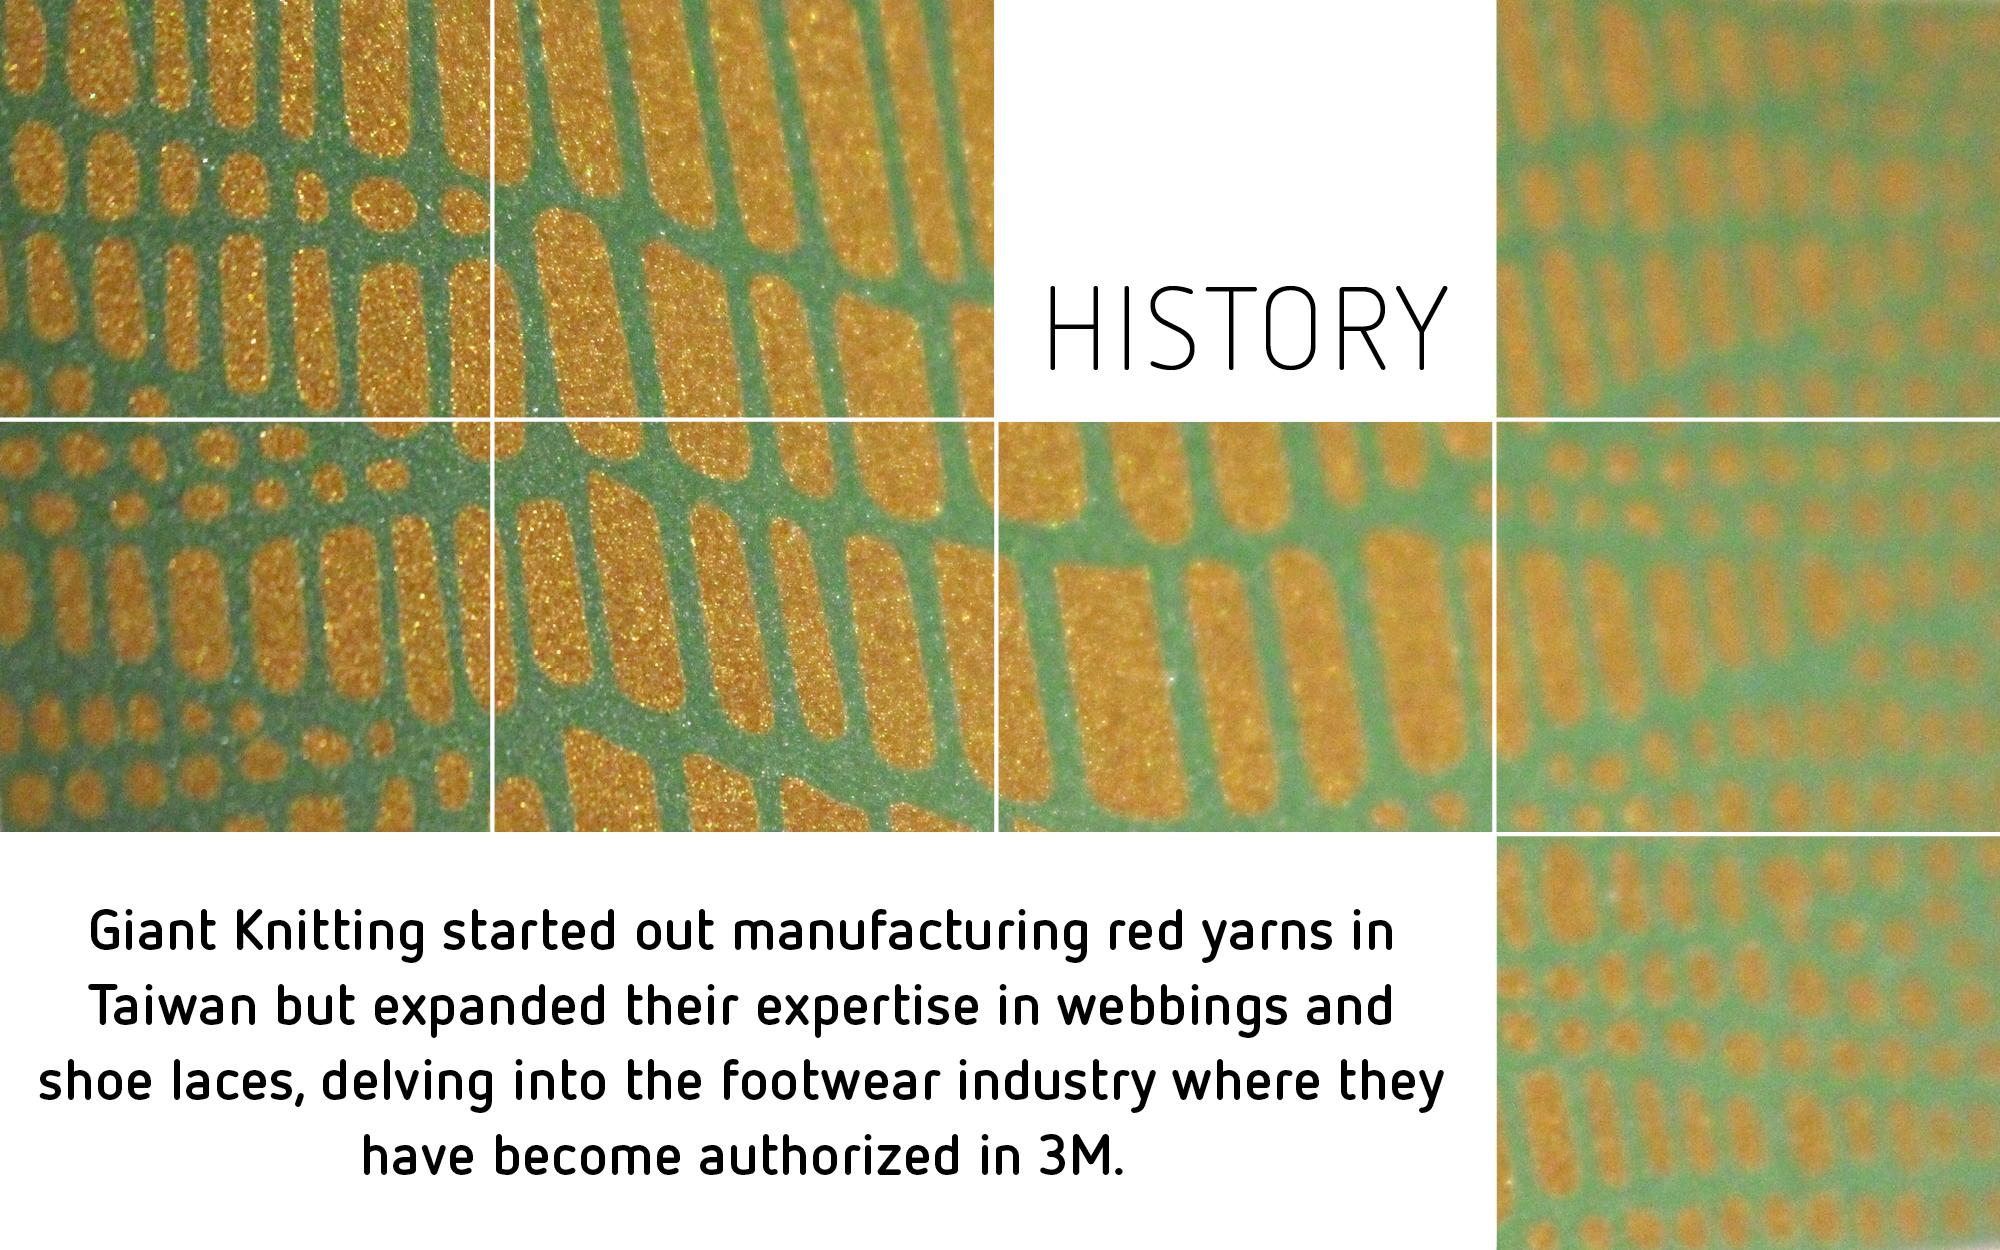 Giant Knitting Info slides.jpg